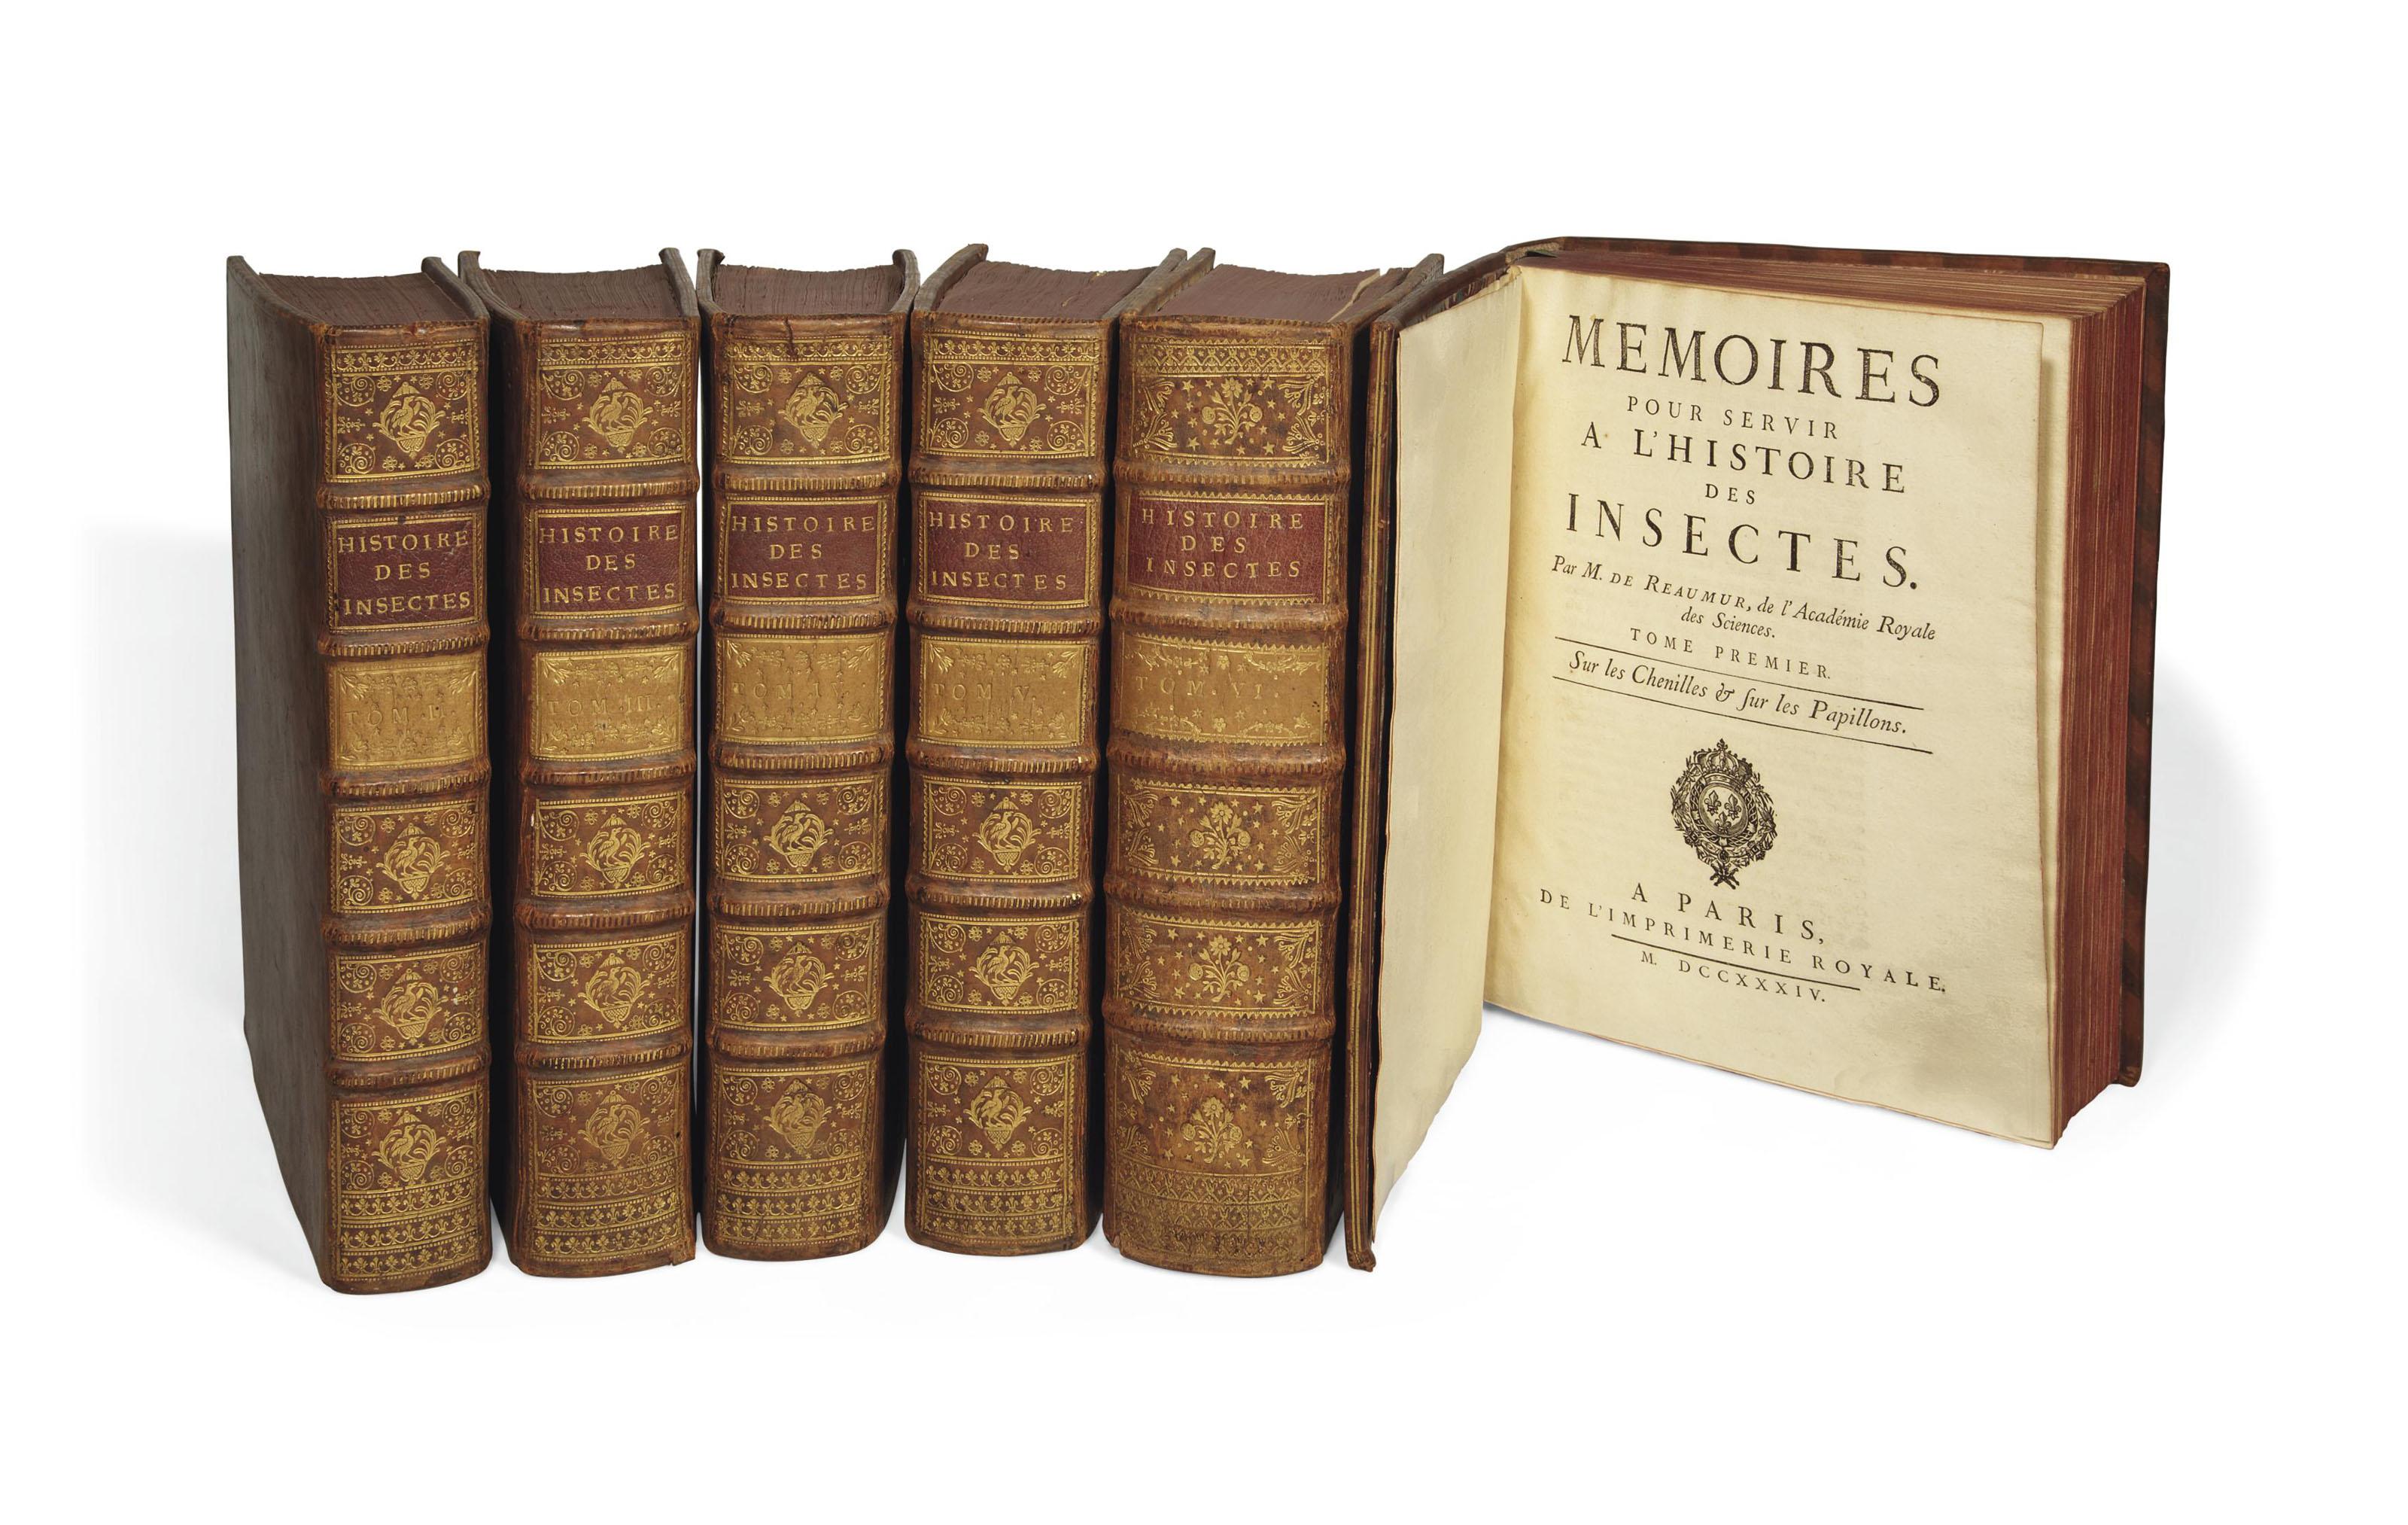 RÉAUMUR, René Antoine Ferchault de (1683-1757). Mémoires pour servir à l'histoire des insectes. Paris: imprimerie royale, 1734-1742.